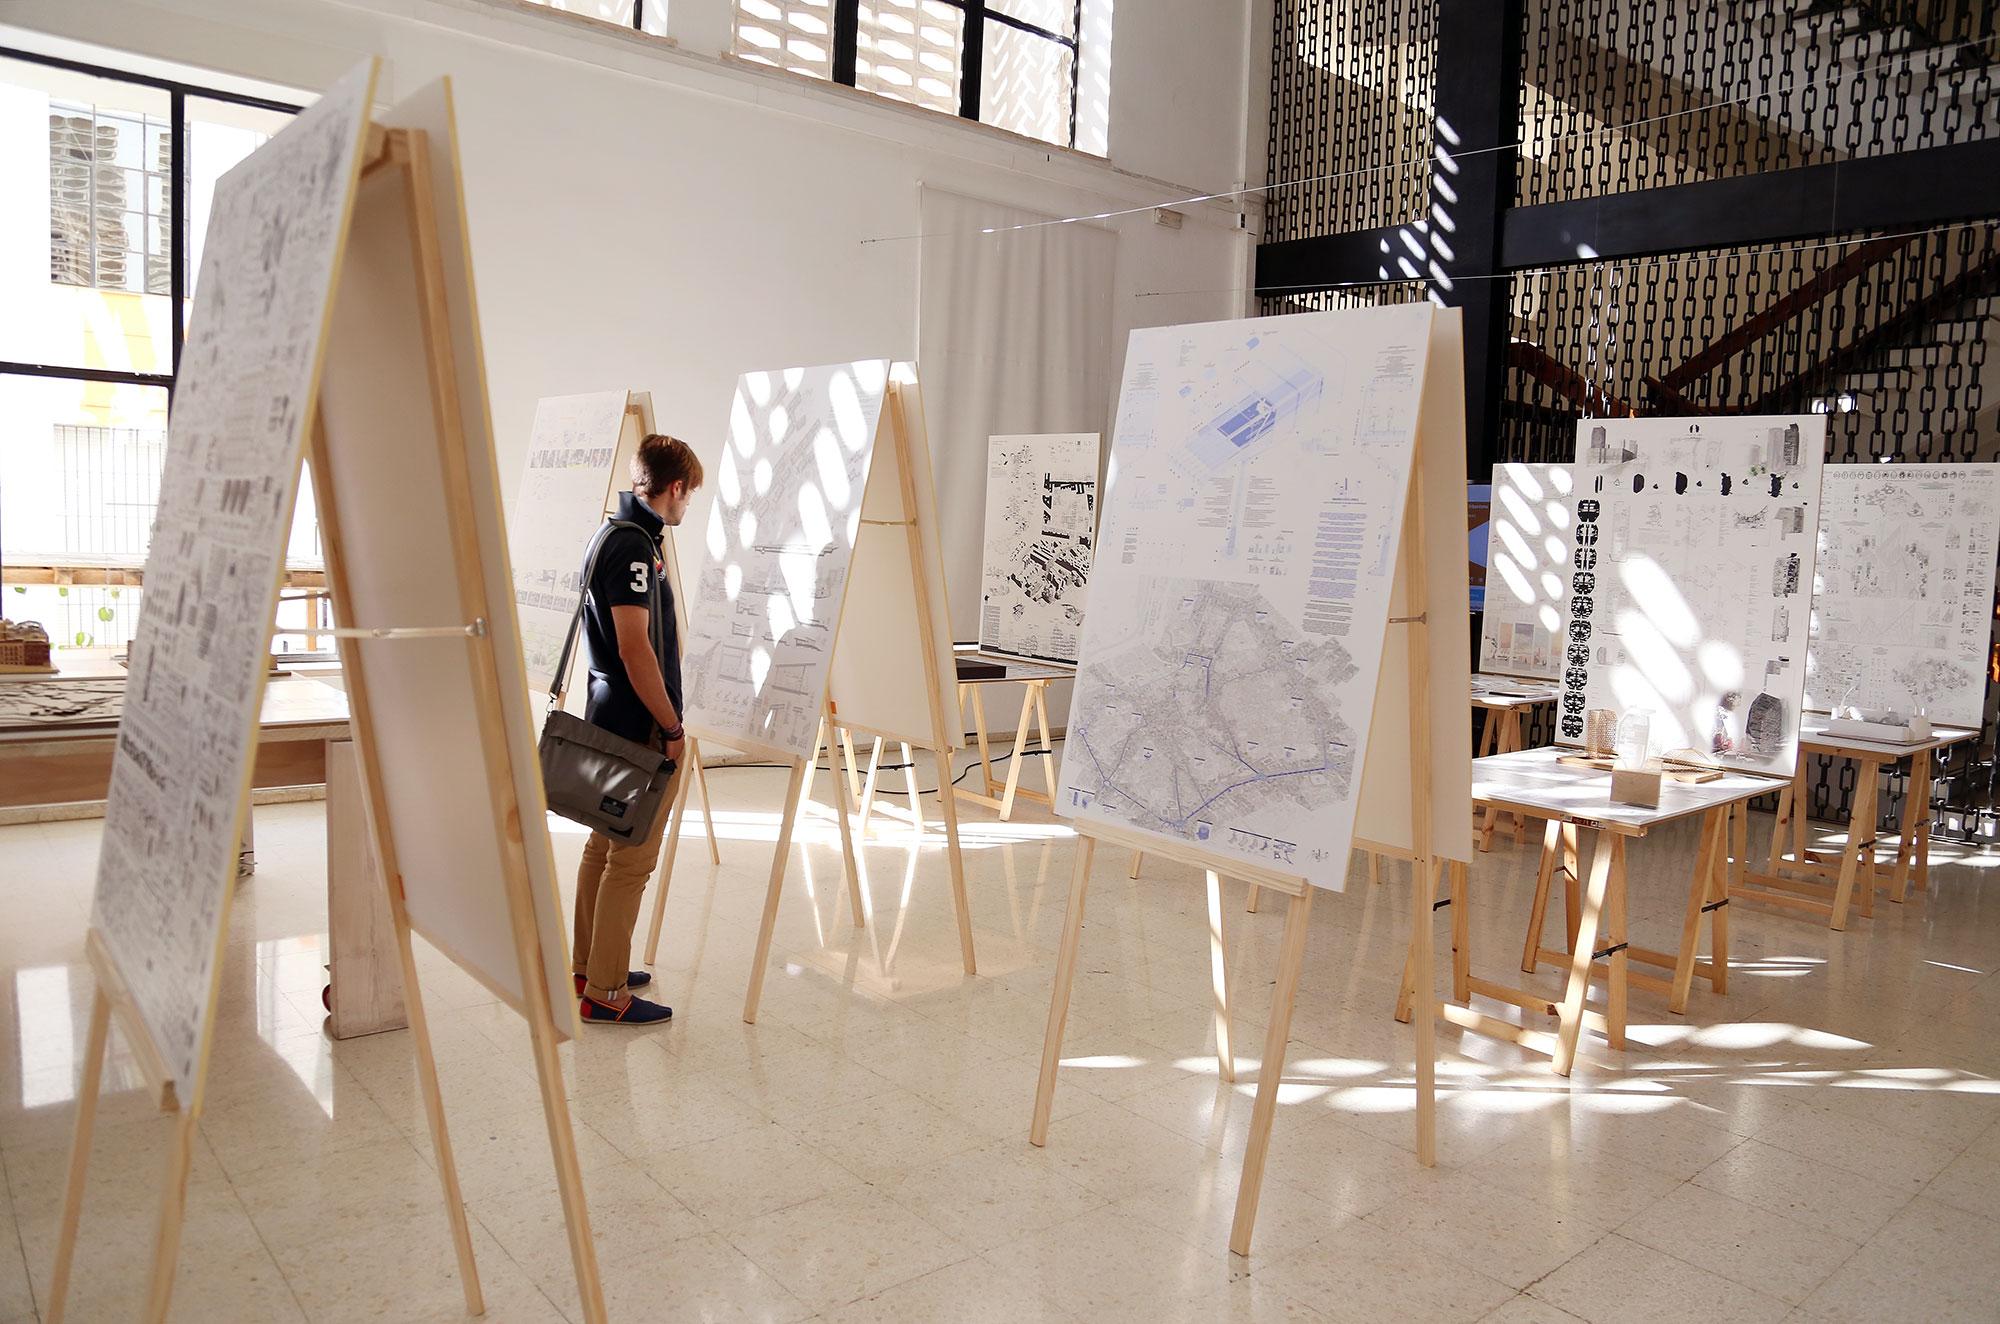 La XIII Bienal Española de Arquitectura y Urbanismo visita la escuela técnica superior de Málaga